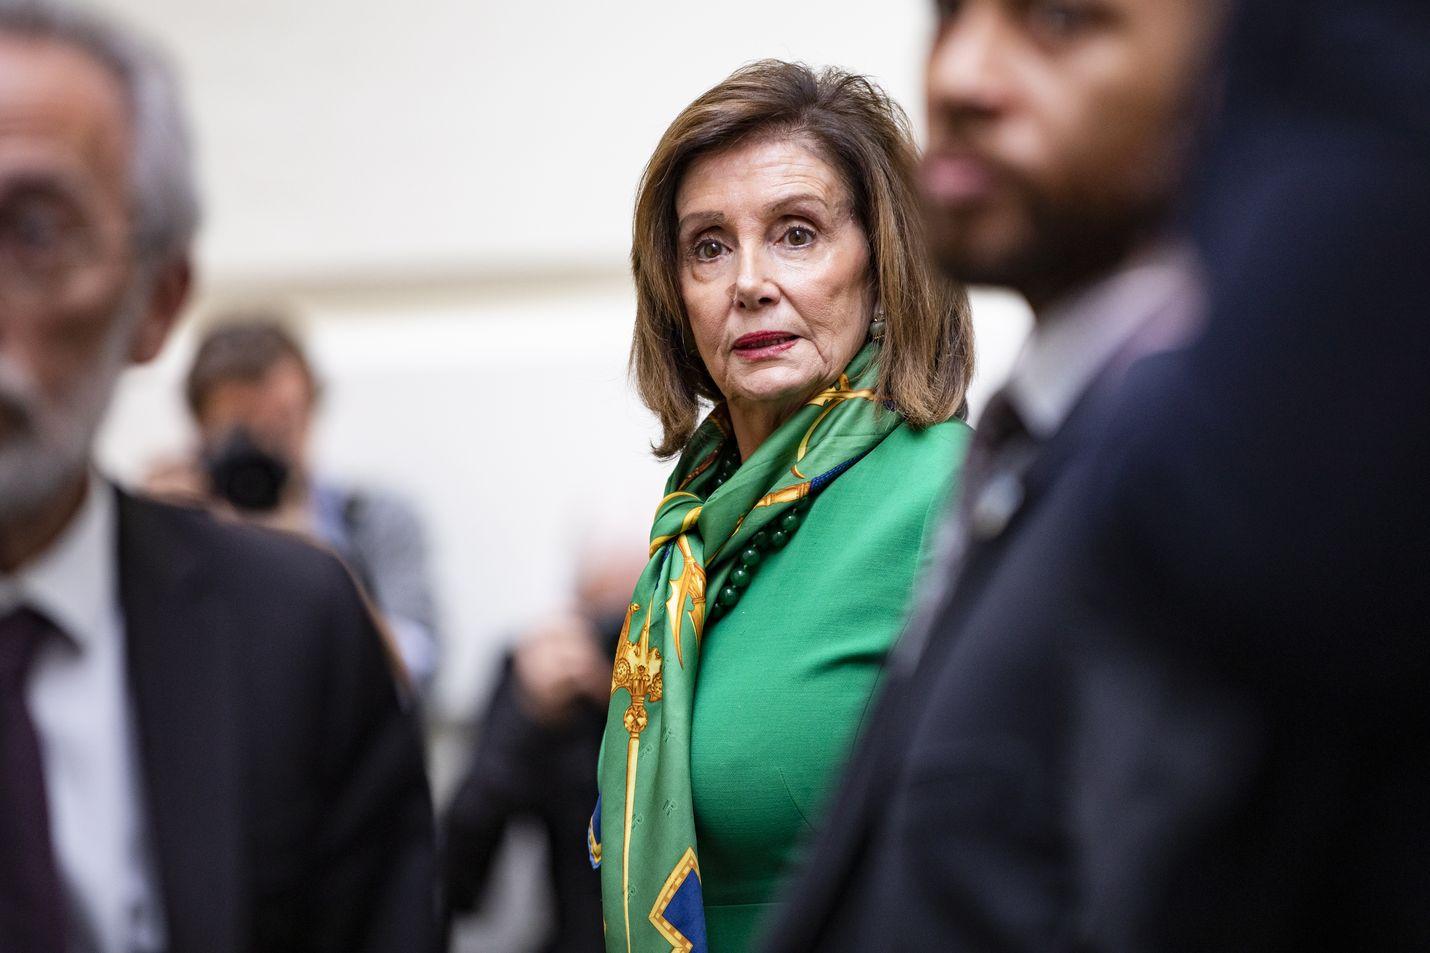 Edustajainhuoneen puhemies Nancy Pelosi haluaisi senaatin kuulevan uusia todistajia virkarikosoikeudenkäynnissä.